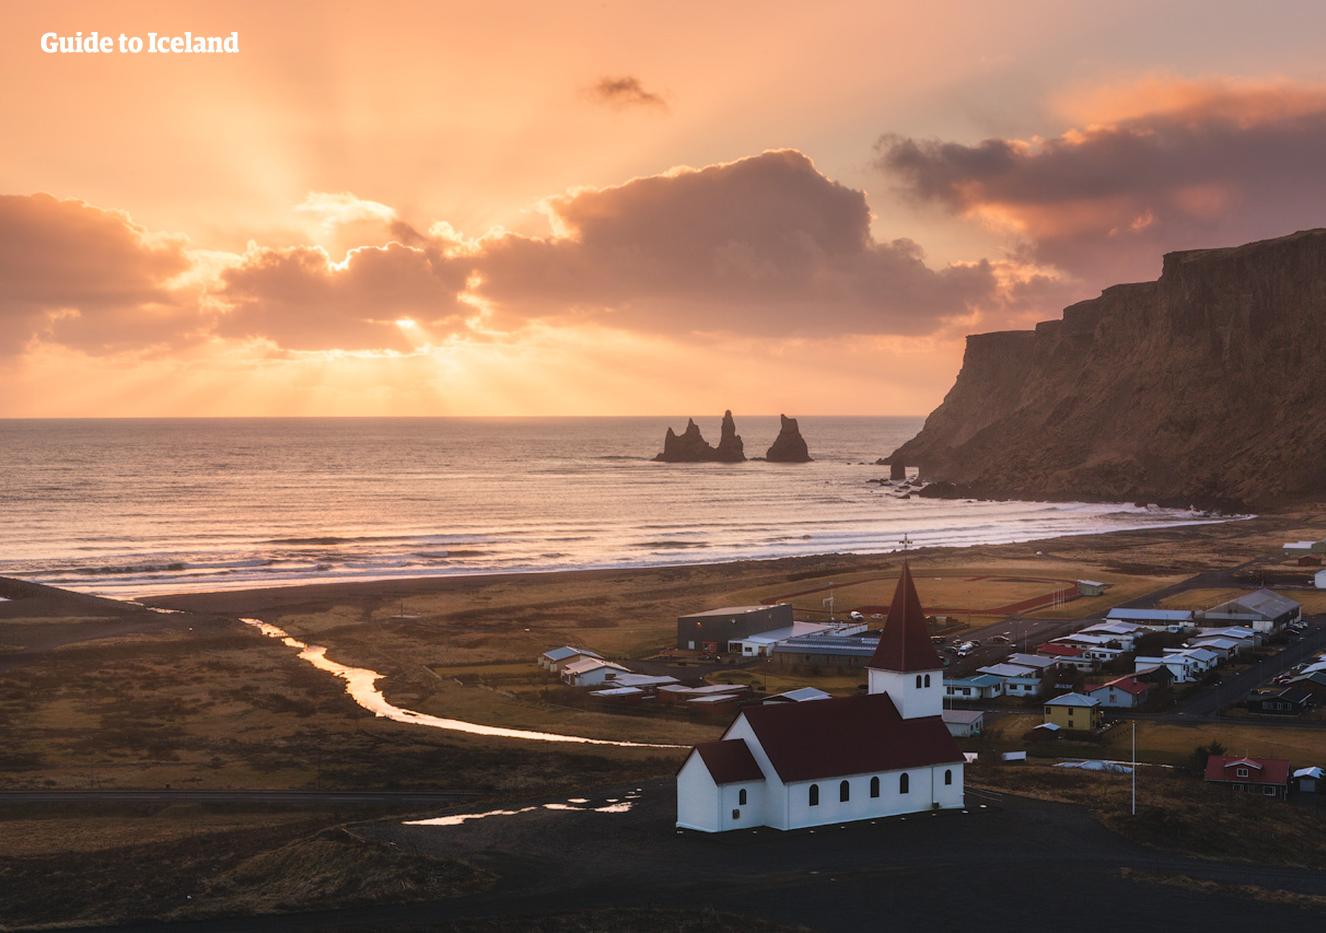 ขณะที่คุณอยู่ในตะวันออกเฉียงใต้ของประเทศไอซ์แลนด์ สำหรับผู้ที่ท่องเที่ยวในทัวร์ขับรถเที่ยวเองจะต้องไม่พลาดที่จะได้ไปเที่ยวชมยังศูนย์อนุรักษ์สกัฟตาเฟลล์ เพื่อที่คุณจะได้ประทับใจกับที่นั่น เช่น ทะเลสาบธารน้ำแข็งสวีนาเฟลลส์โจกุล.